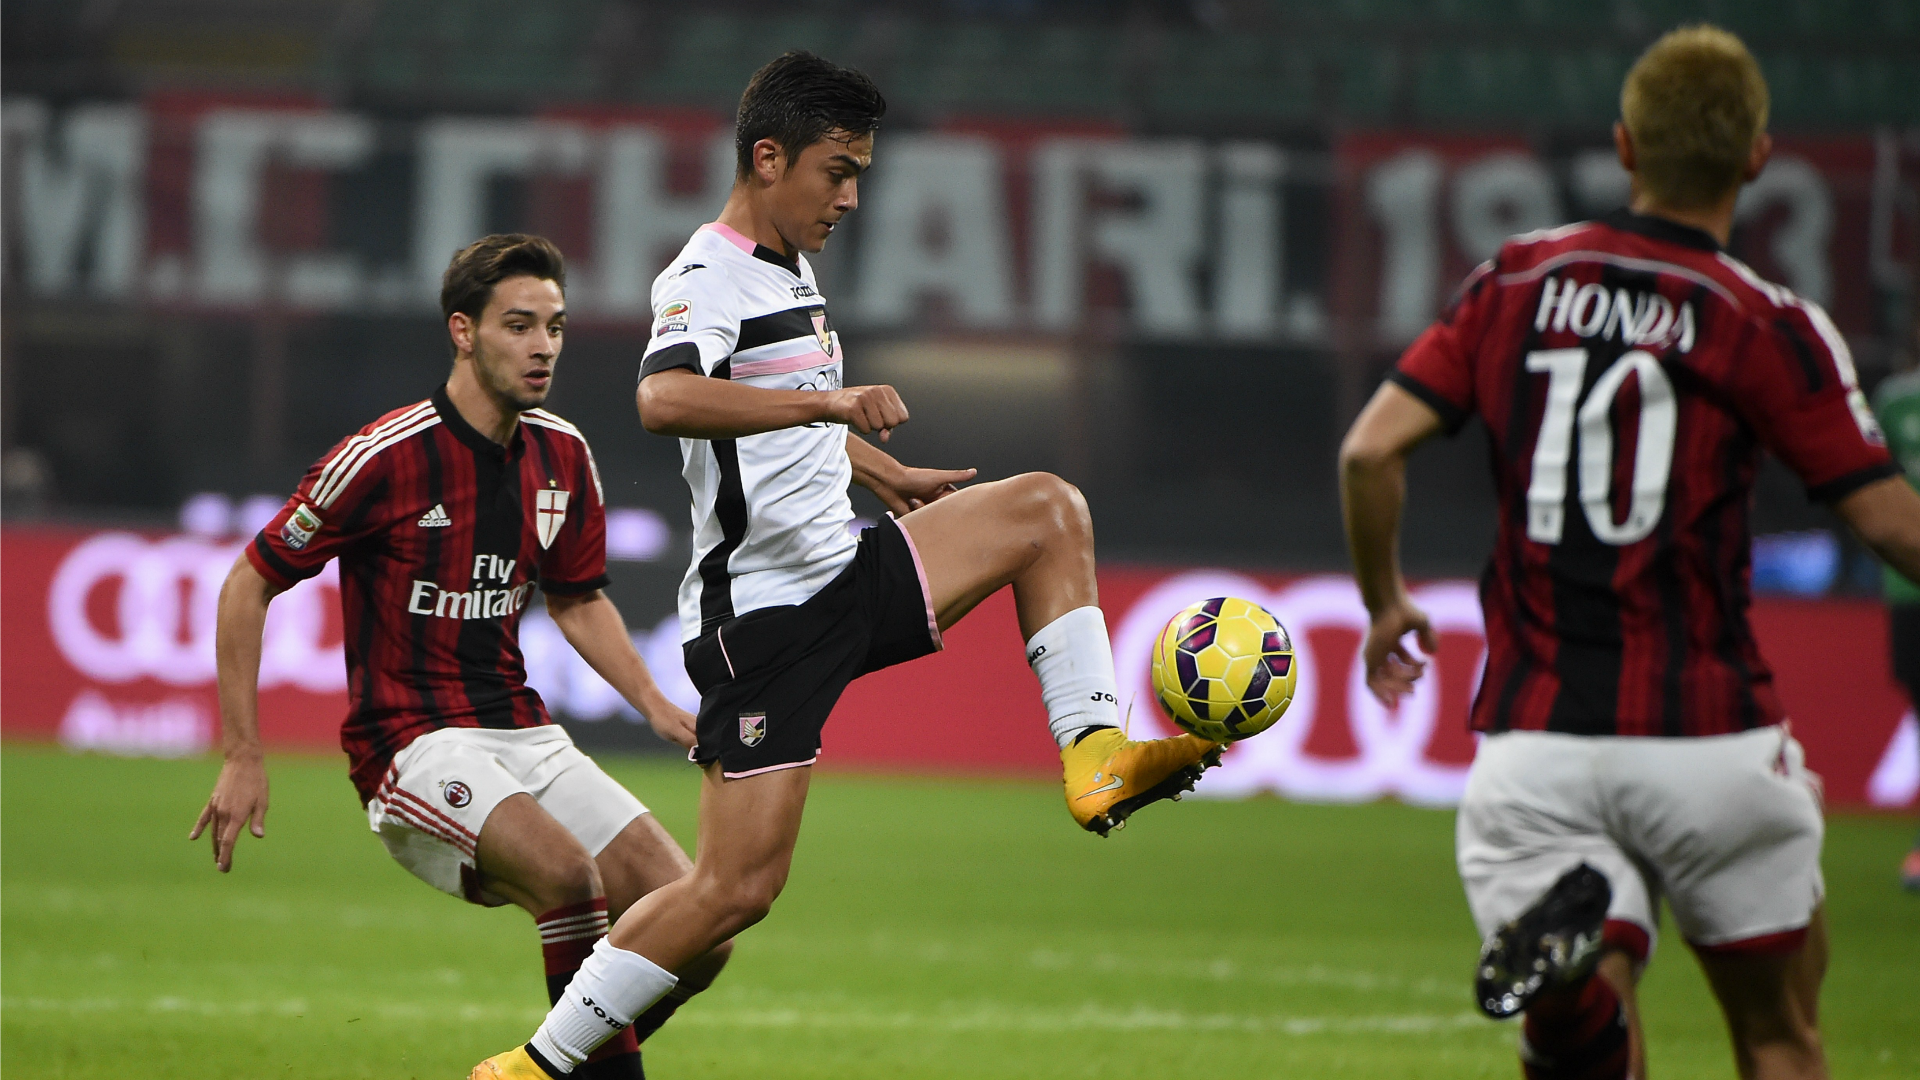 Palermo Milan si sfidano per un'ultima spiaggia verso l'Europa League